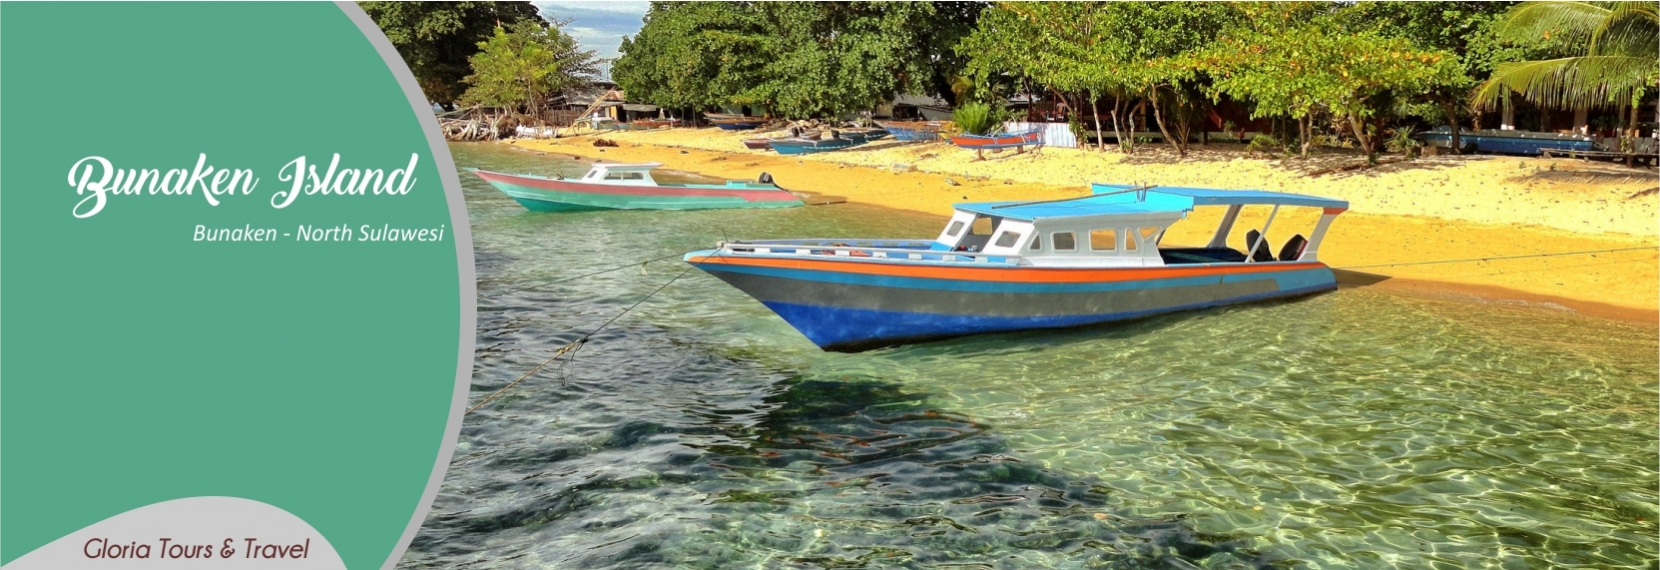 Bunaken - North Sulawesi